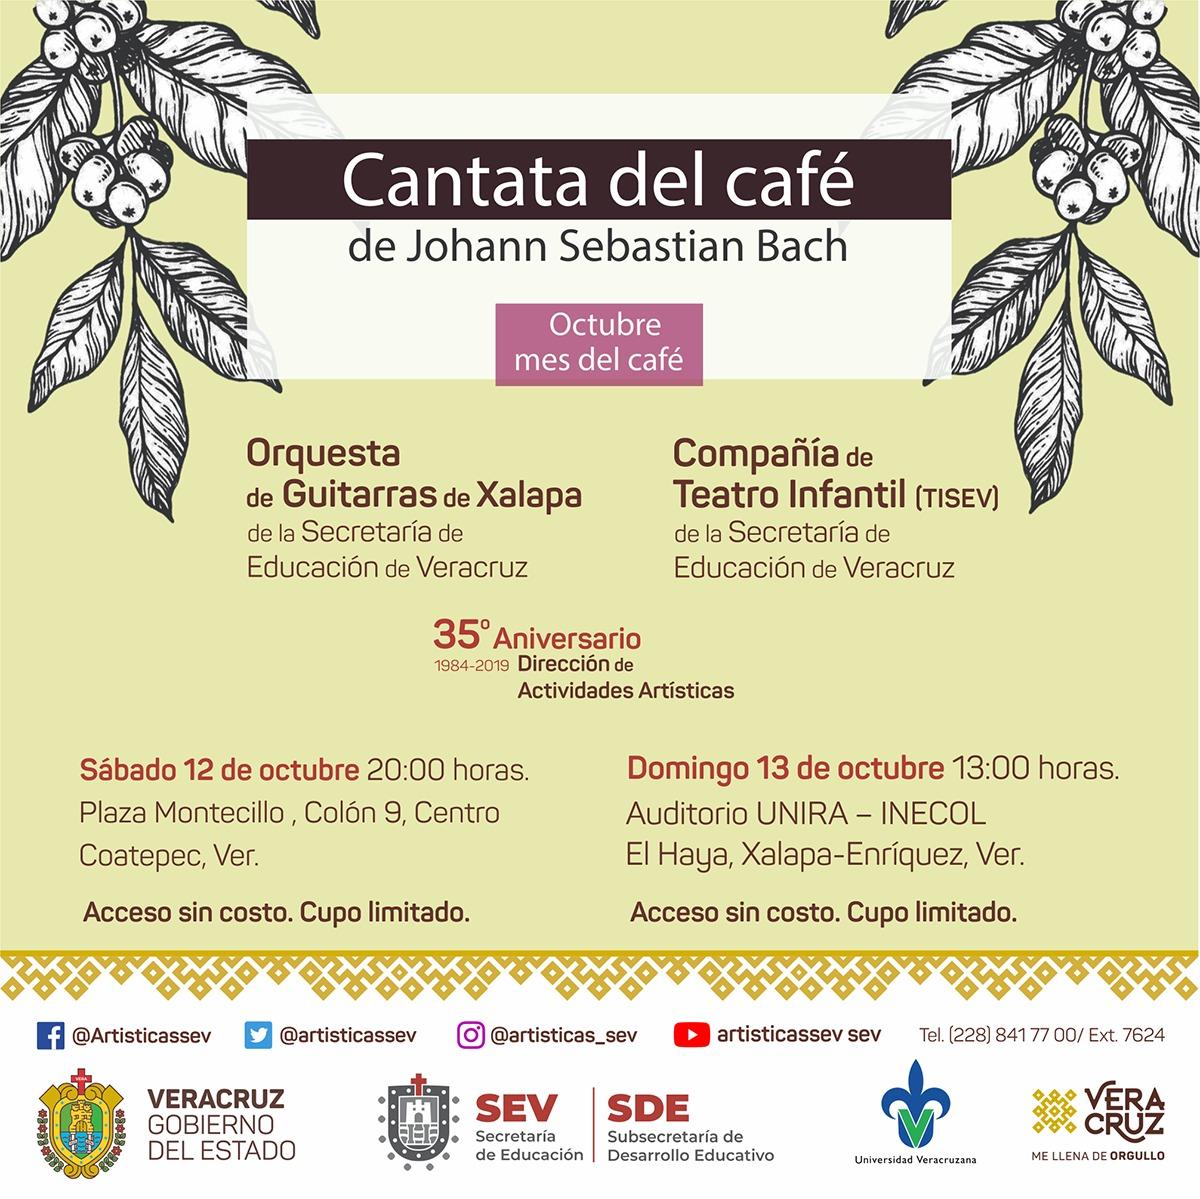 Orquesta de Guitarras de Xalapa interpretará la Cantata del café de Bach